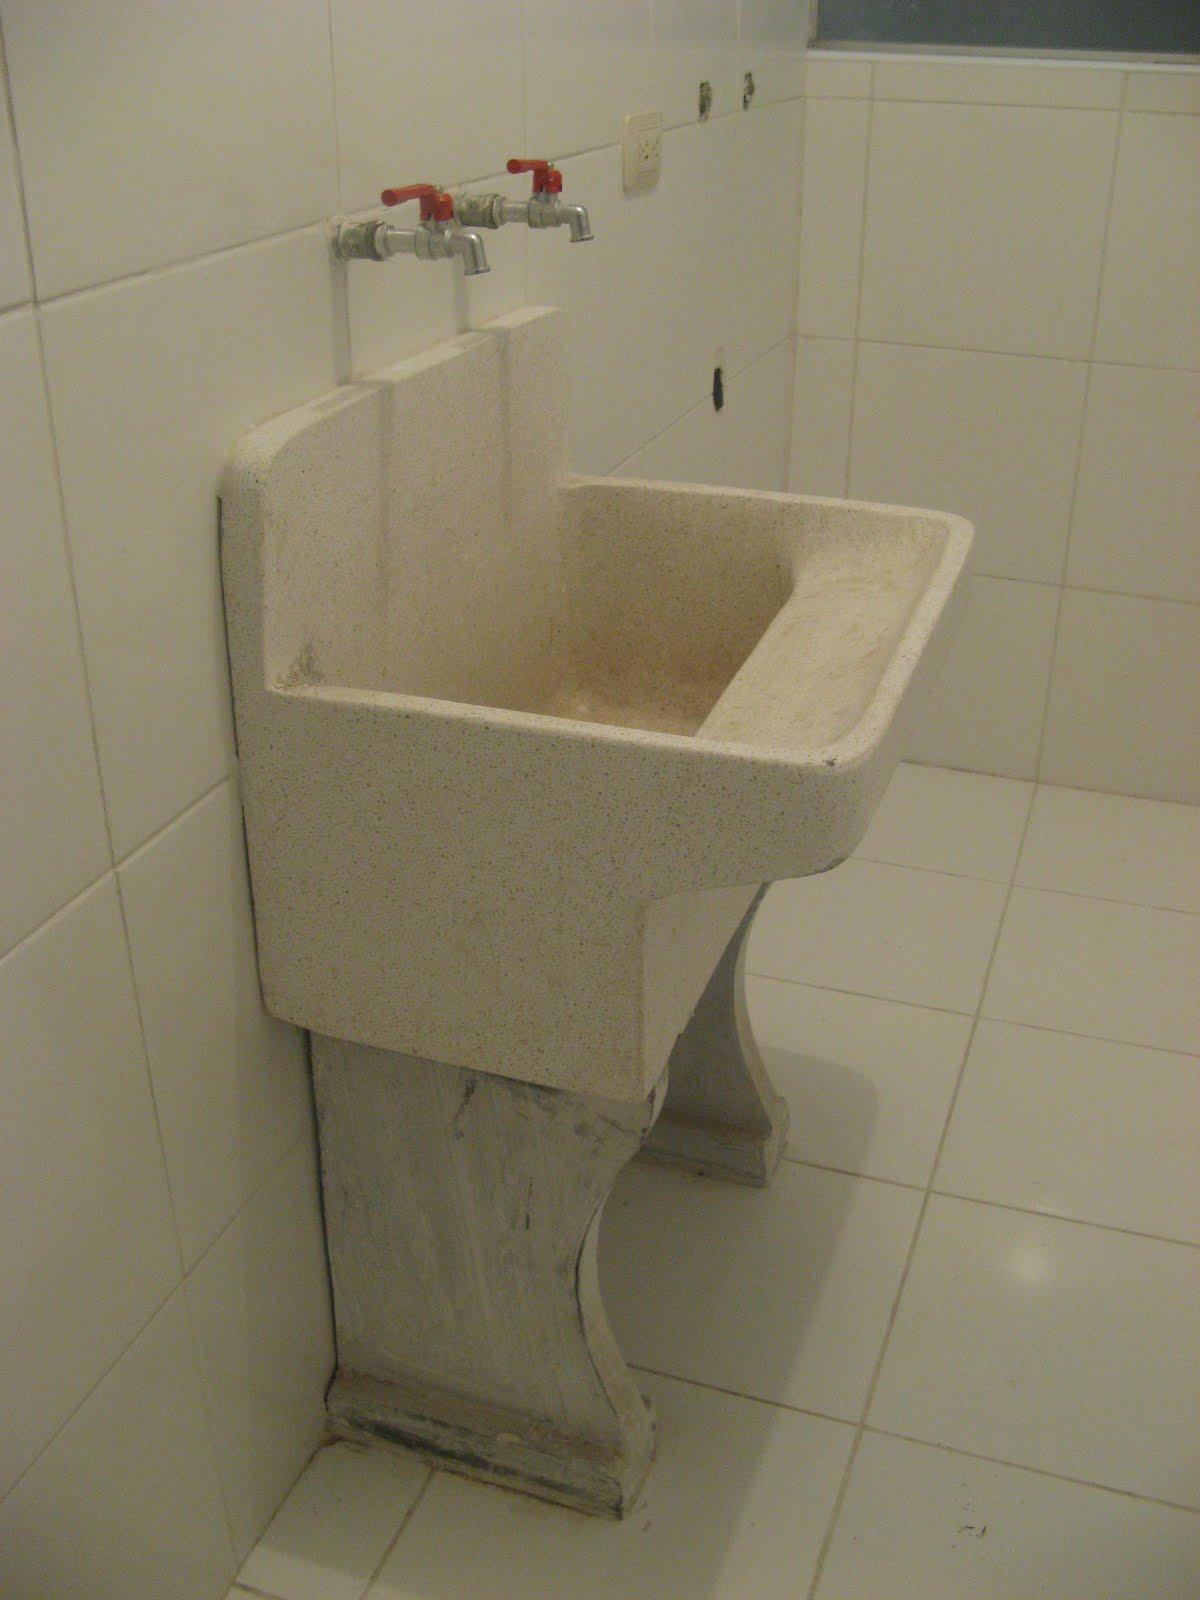 Constructora las vi as s a c lavander a for Lavadero de granito